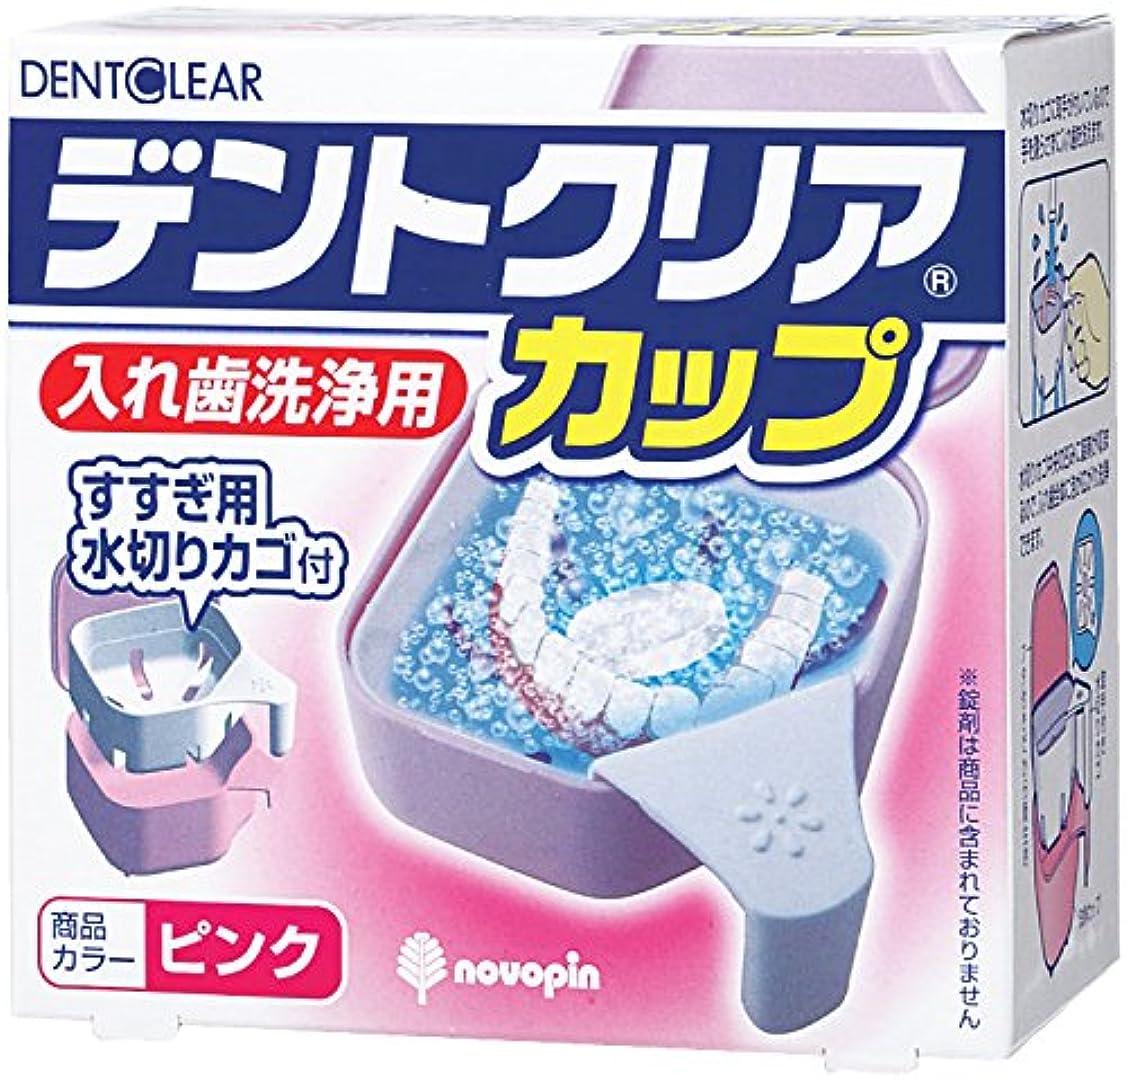 ばかげているディンカルビル二度紀陽除虫菊 入れ歯洗浄ケース デントクリア カップ (水切りカゴ付) ピンク